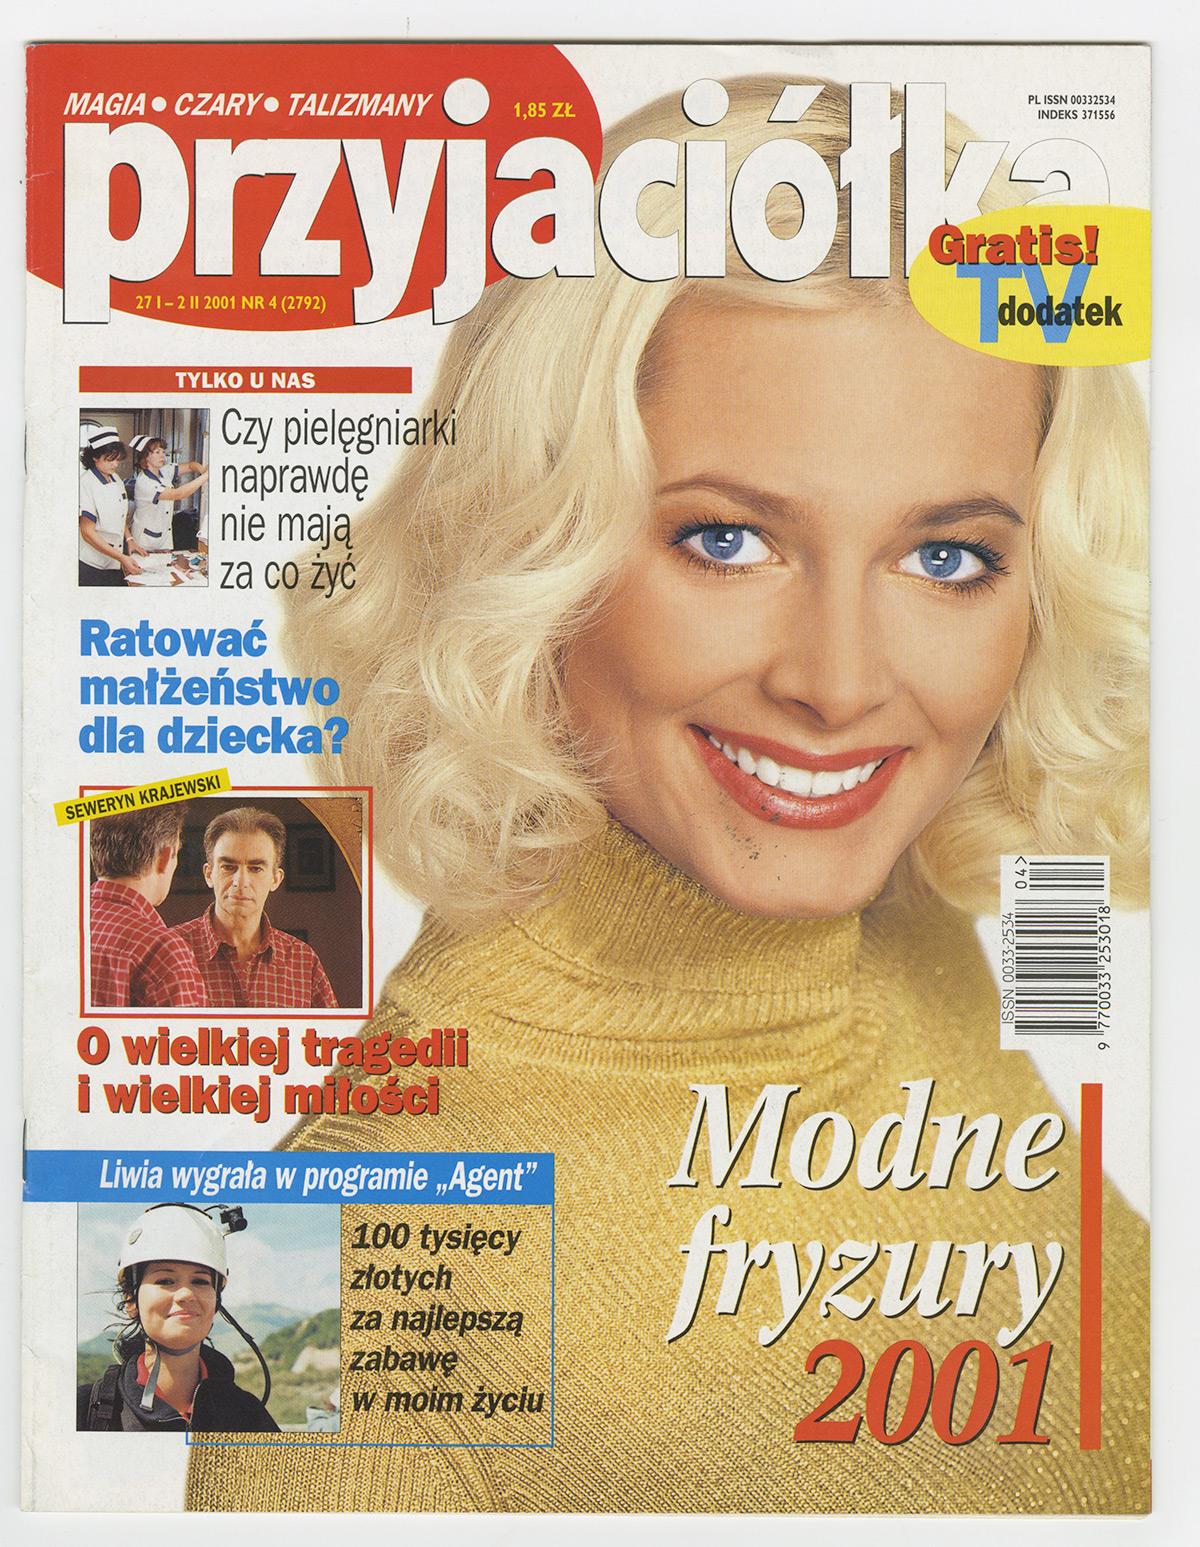 1991-2003-Przyjaciolka_2001_SK_o_wielkiej_tragedii